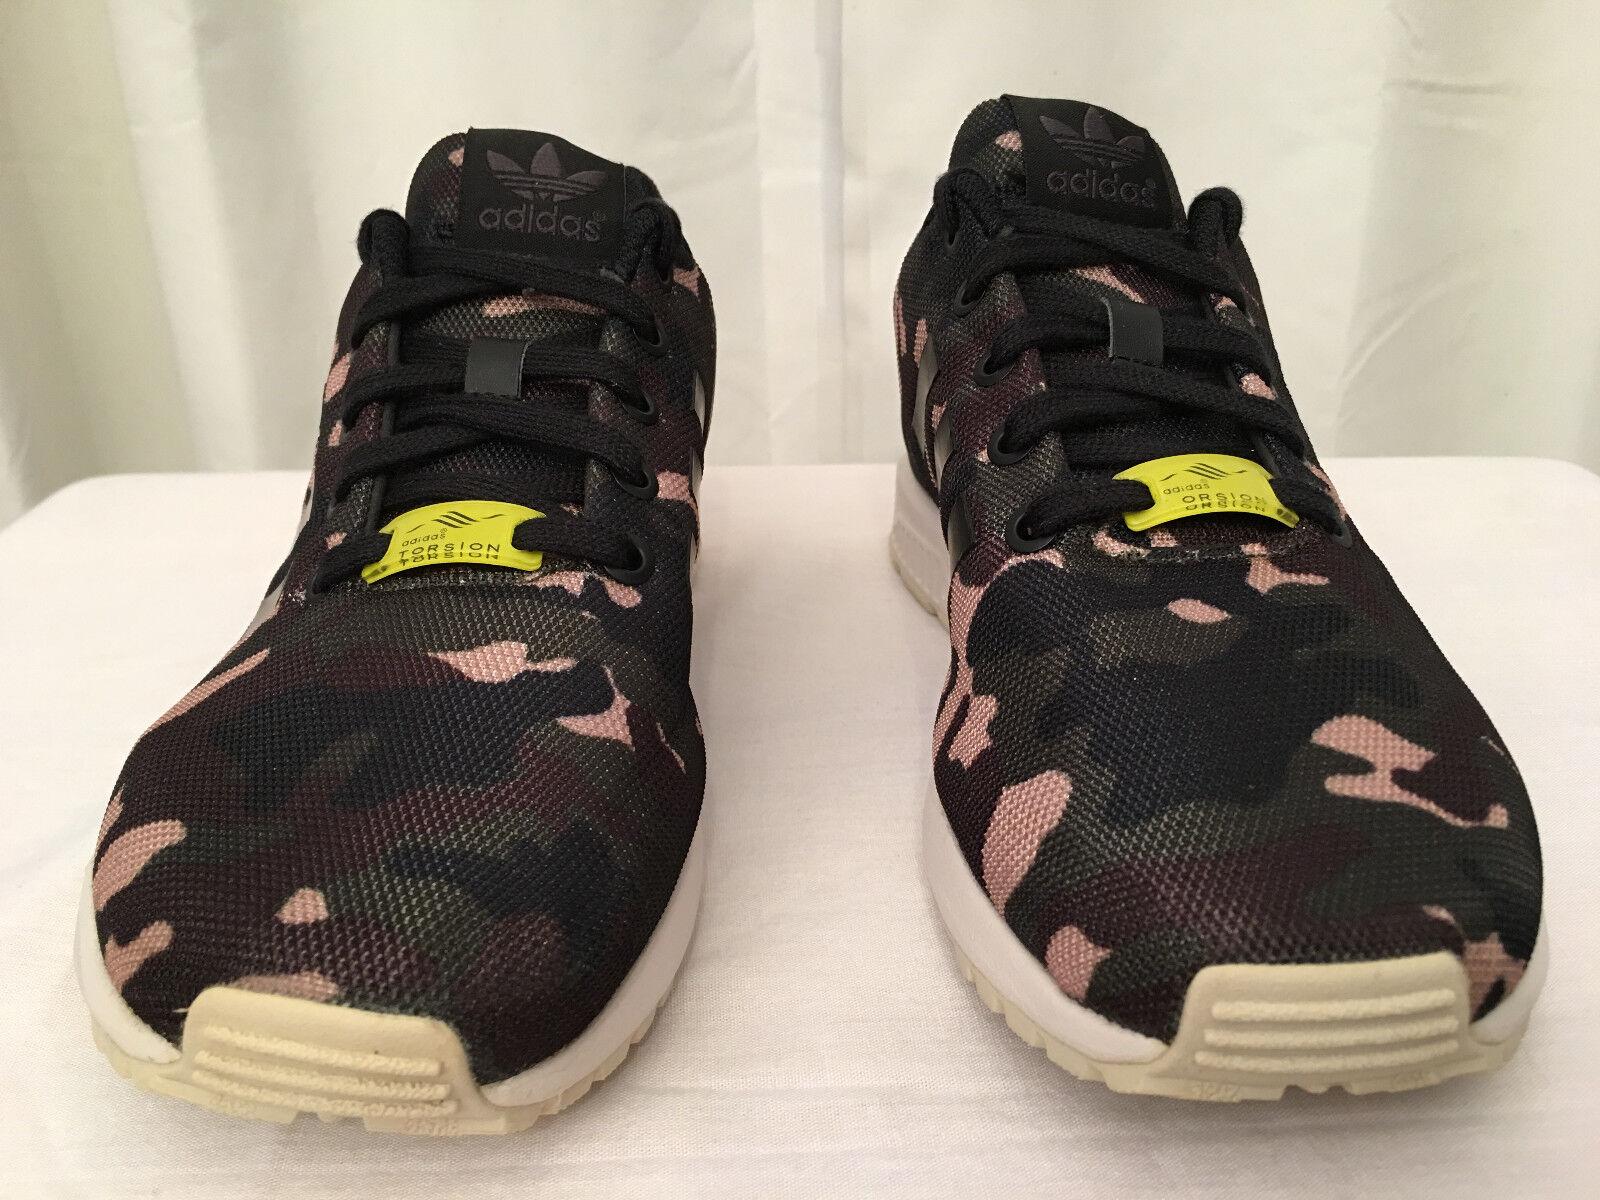 ADIDAS (B24377) Boys Mens ZX Flux Camo Torsion City Trainers shoes, Sz 5.5, EUC